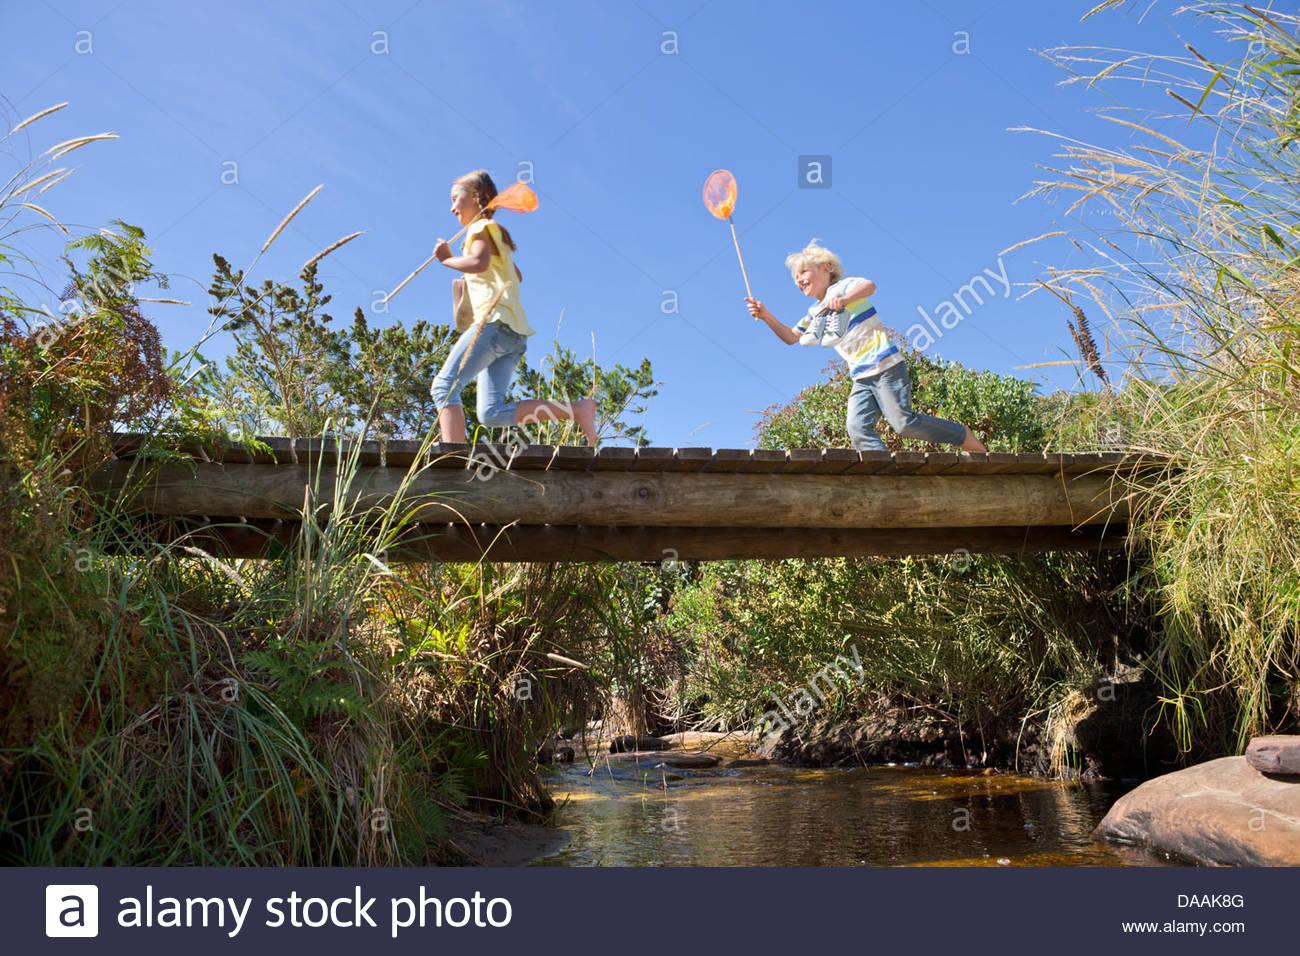 Feliz chico y chica con redes de pesca se ejecutan en pasarela a través de stream Foto de stock